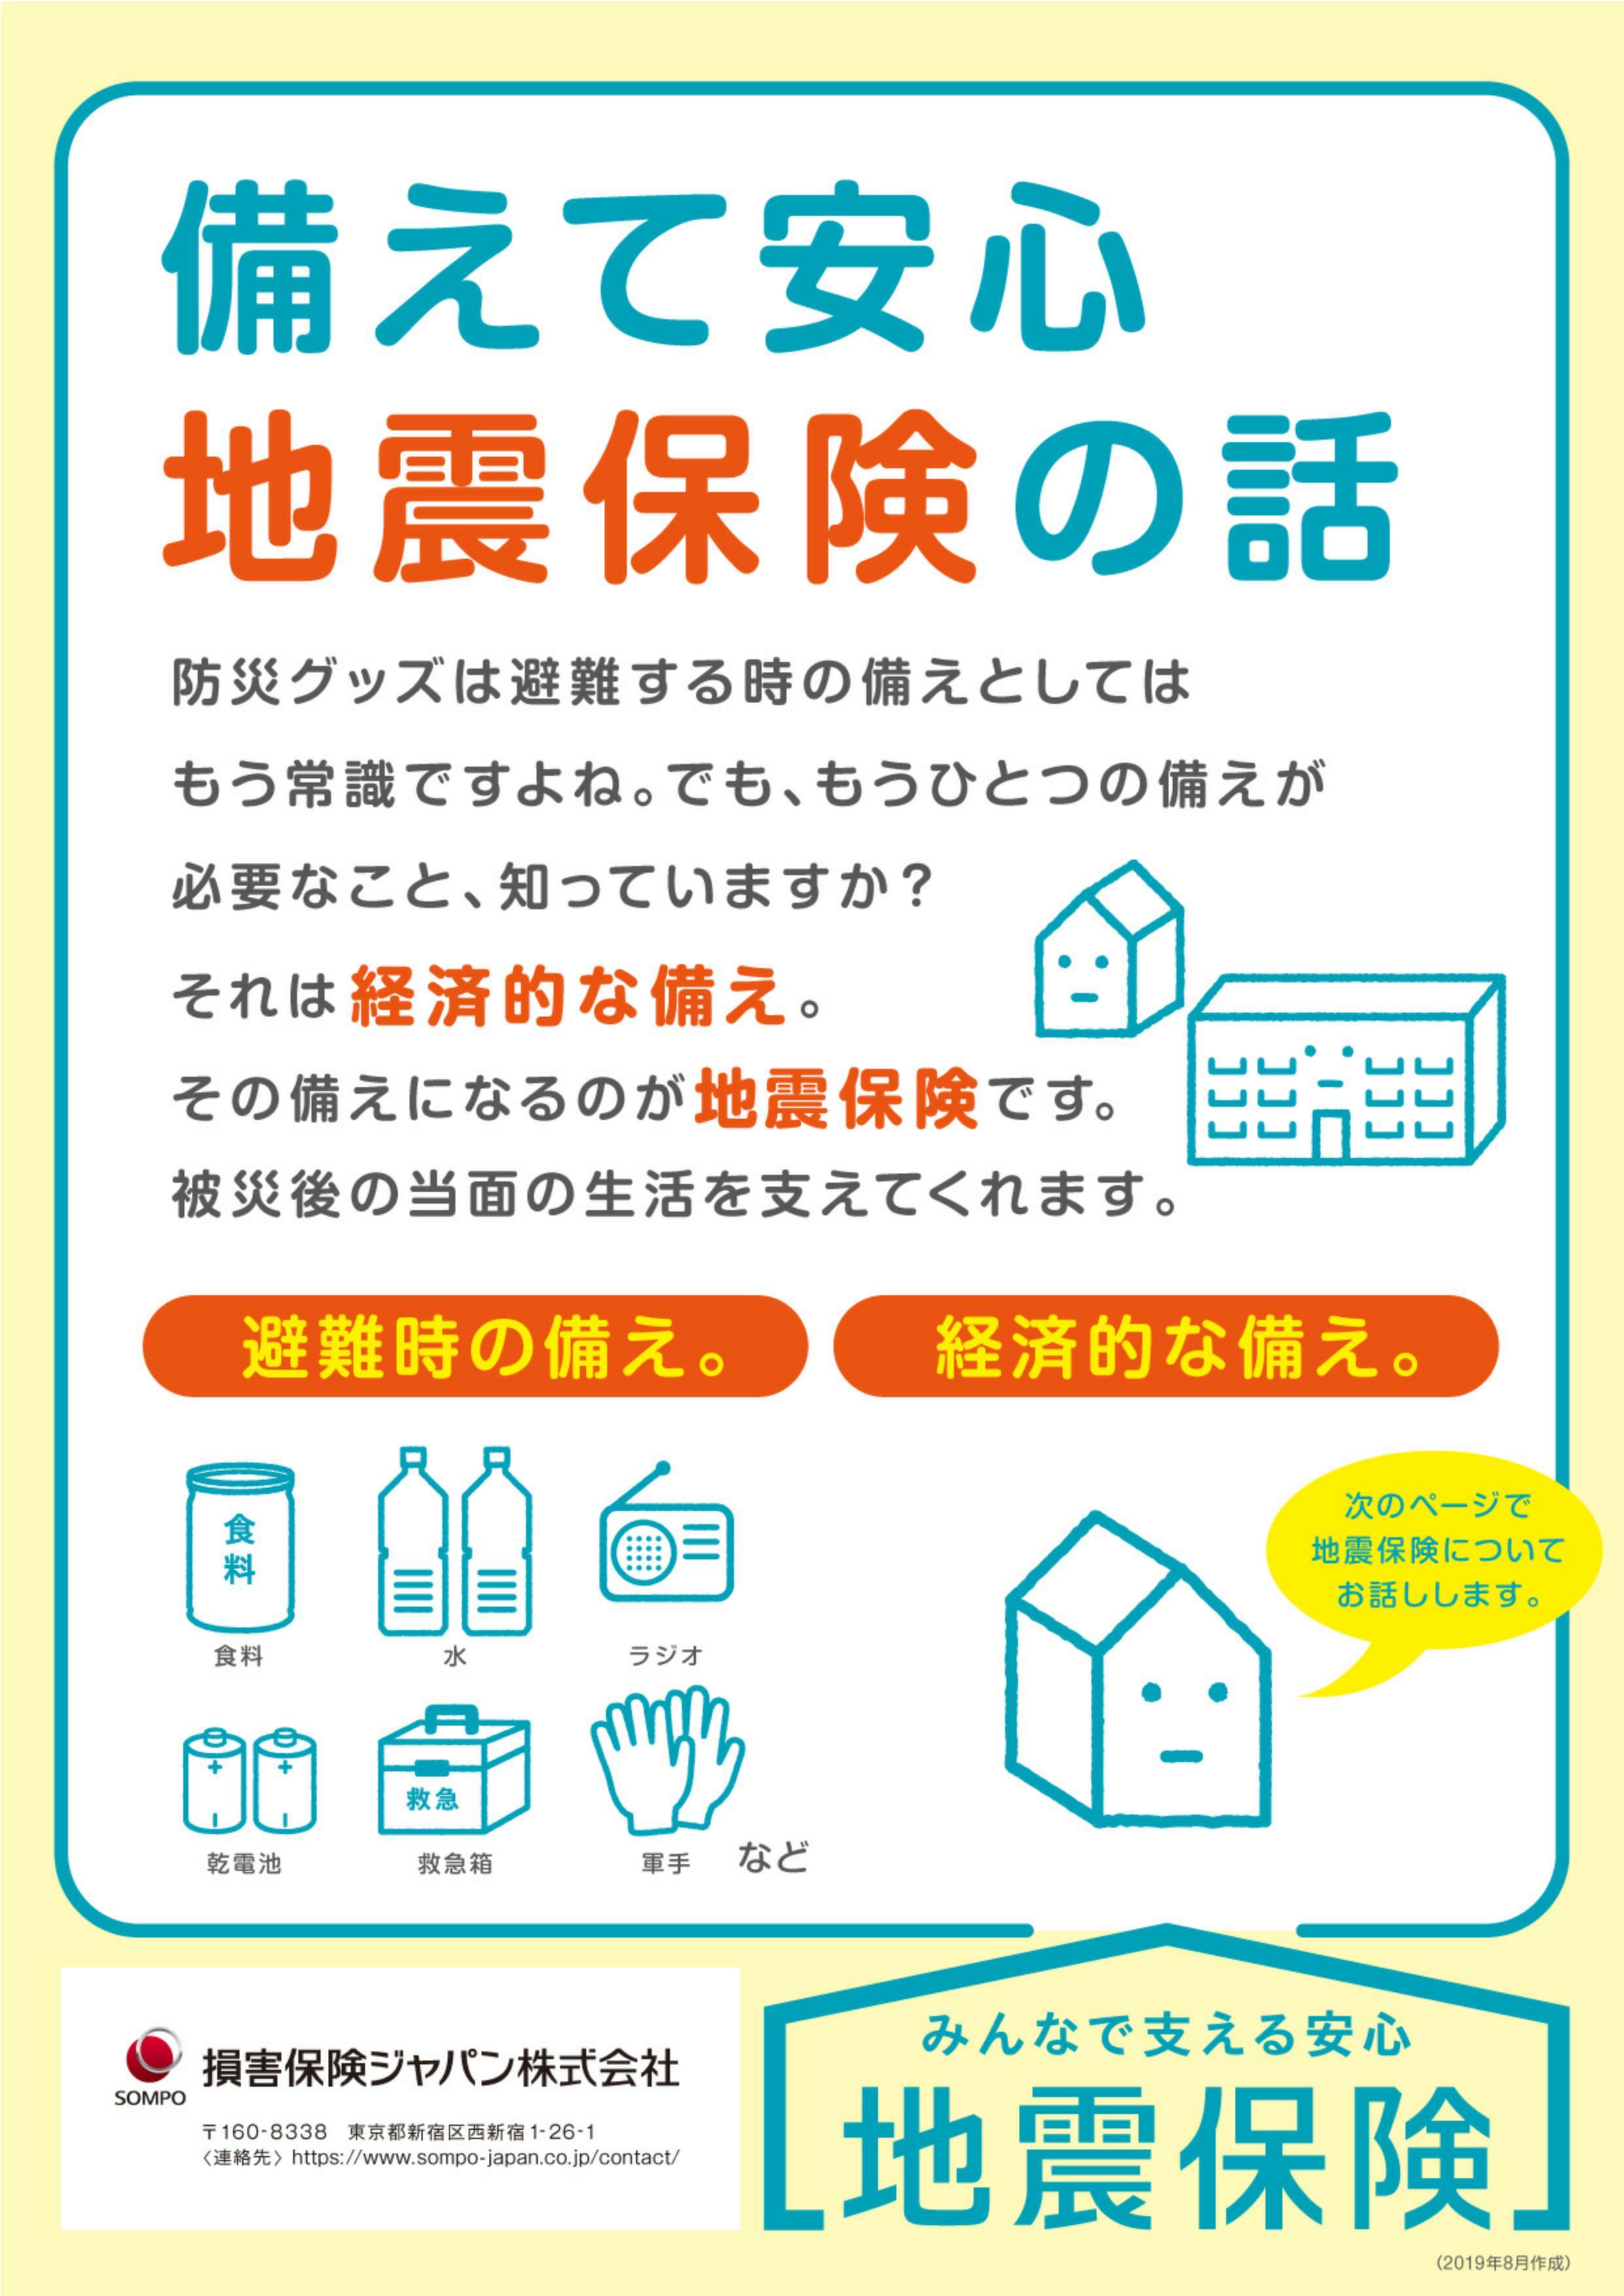 備えて安心地震保険の話